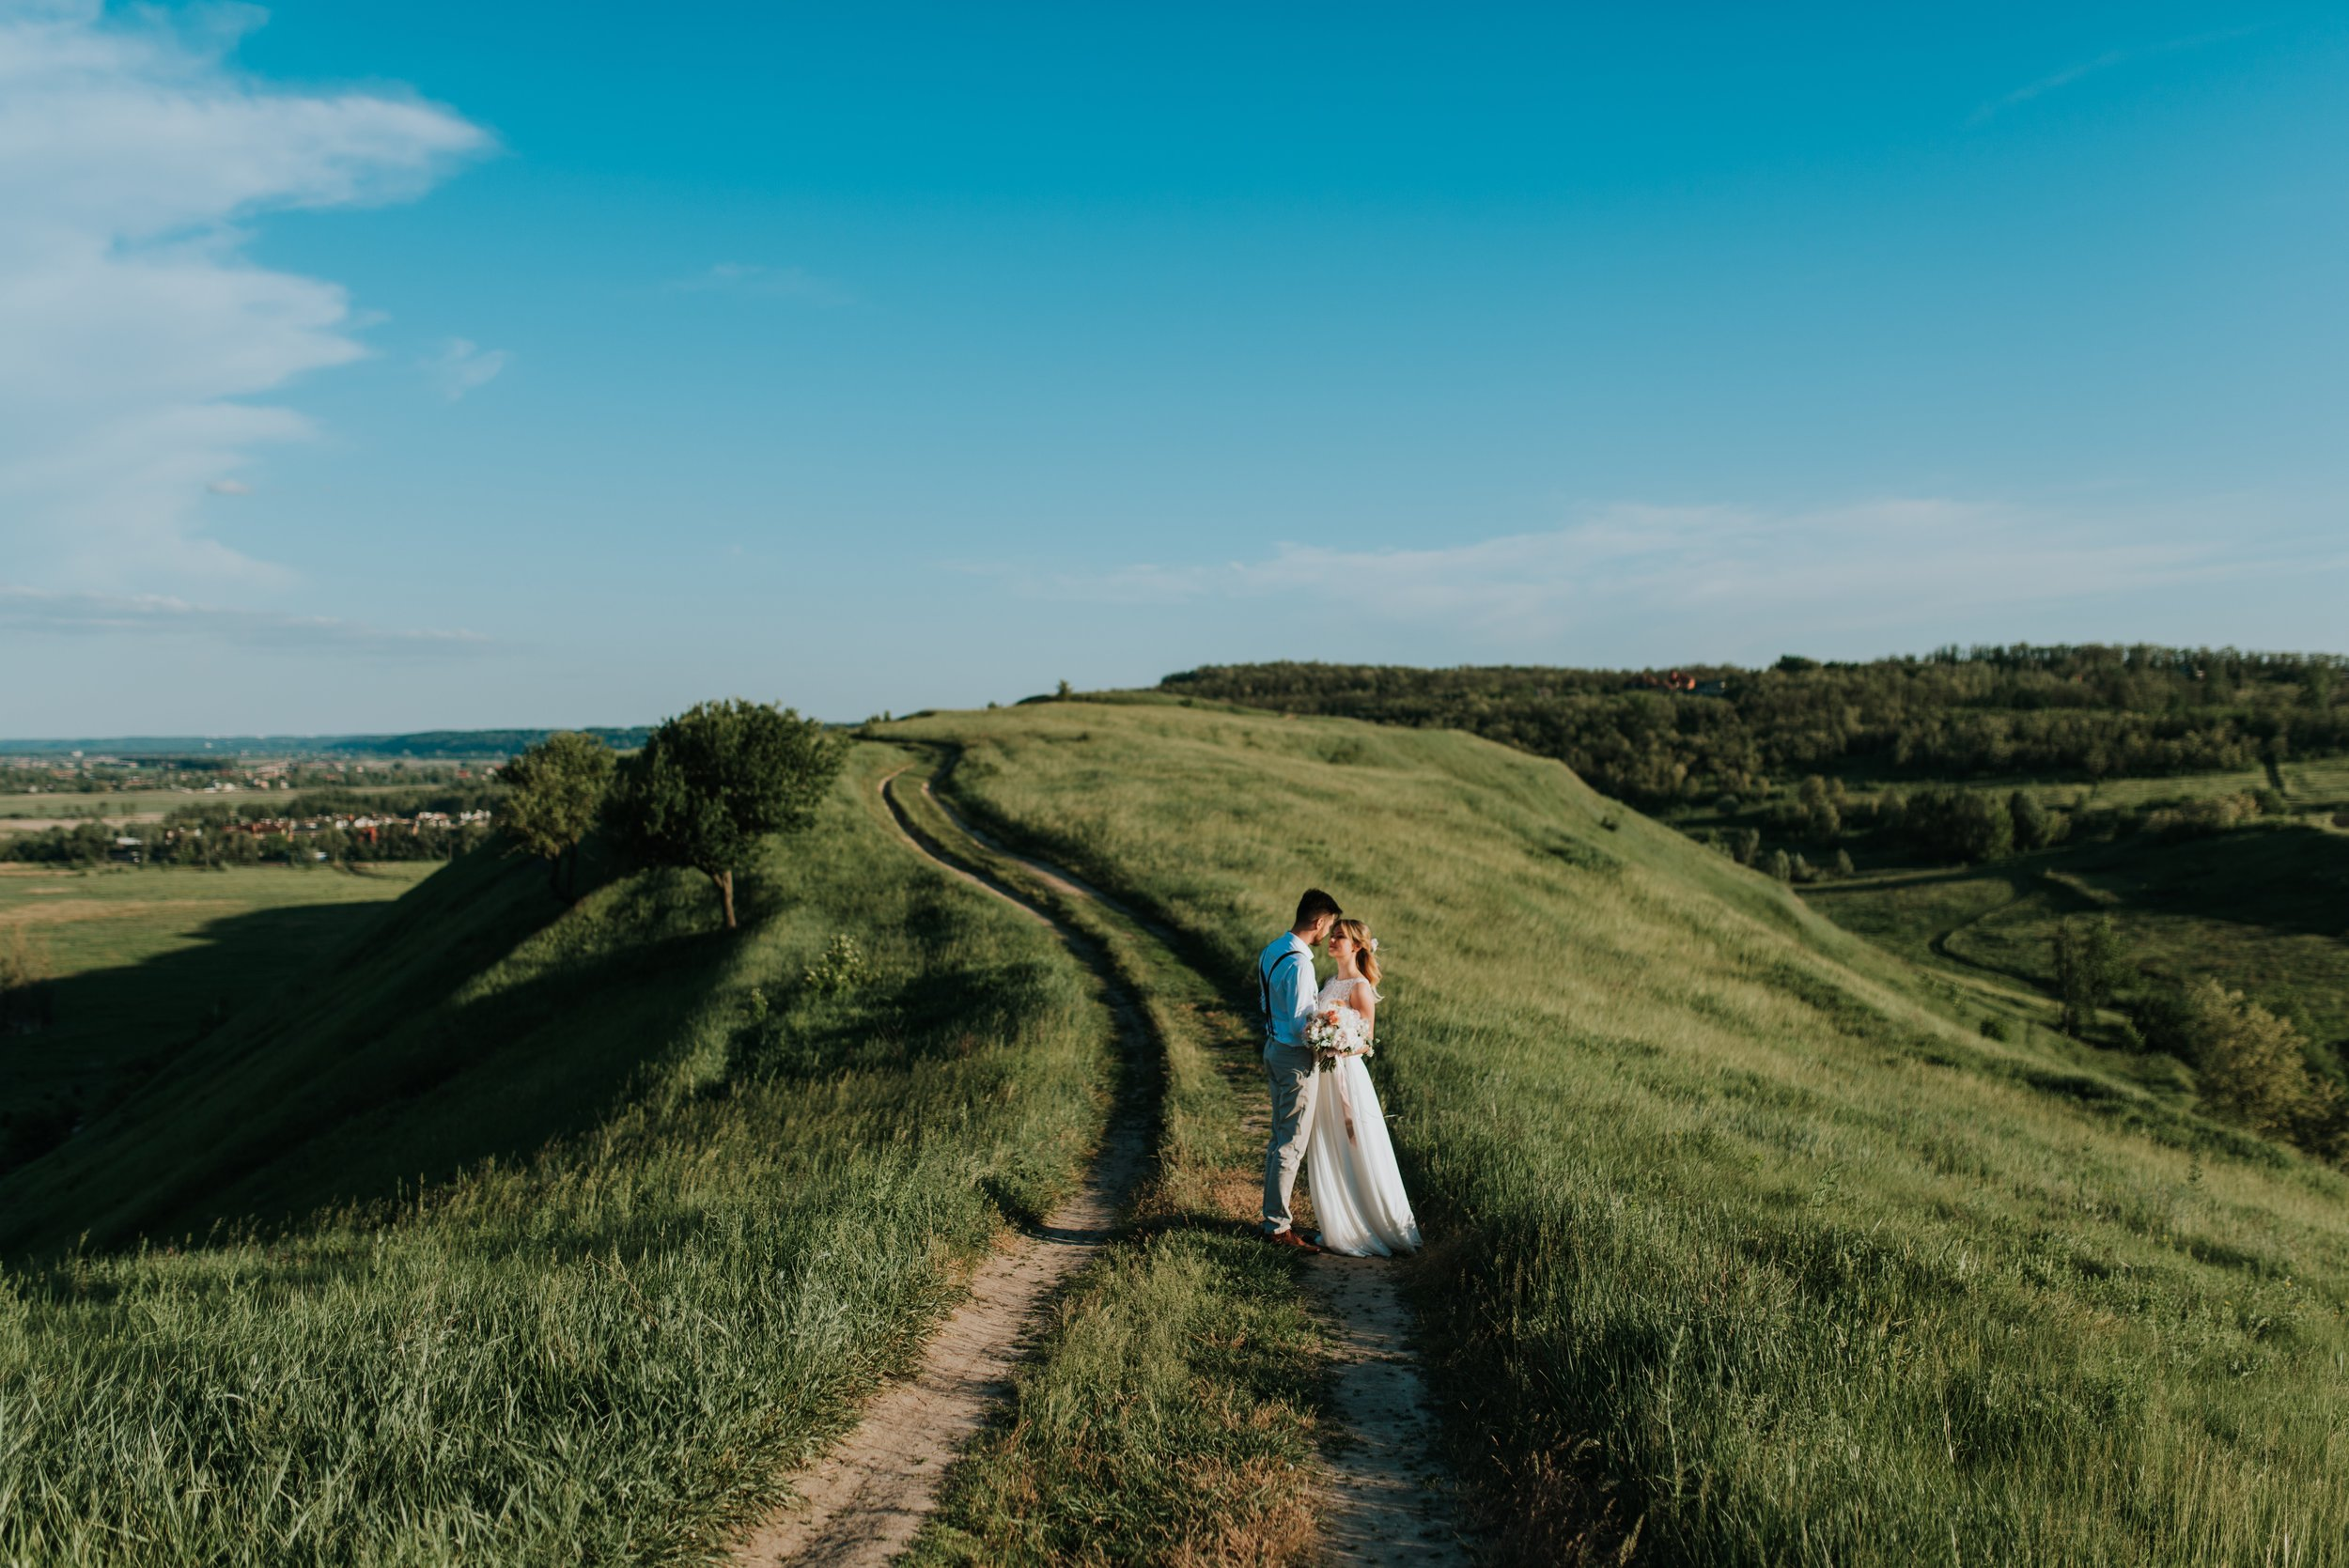 beautiful-bride-bride-and-groom-1721943.jpg